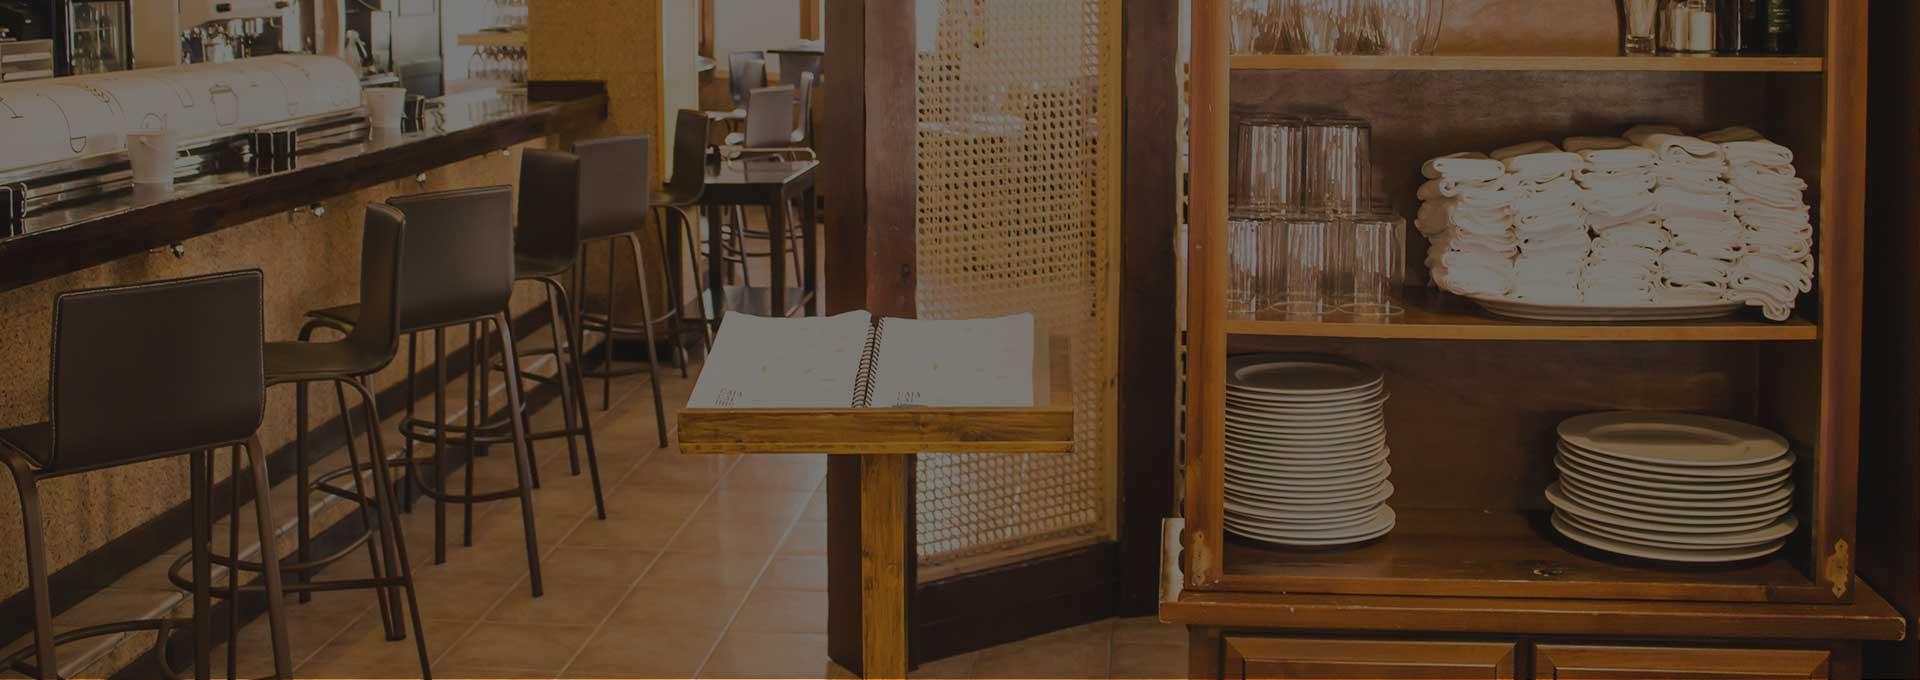 Reservas en Catacaldos Restaurante de Albacete